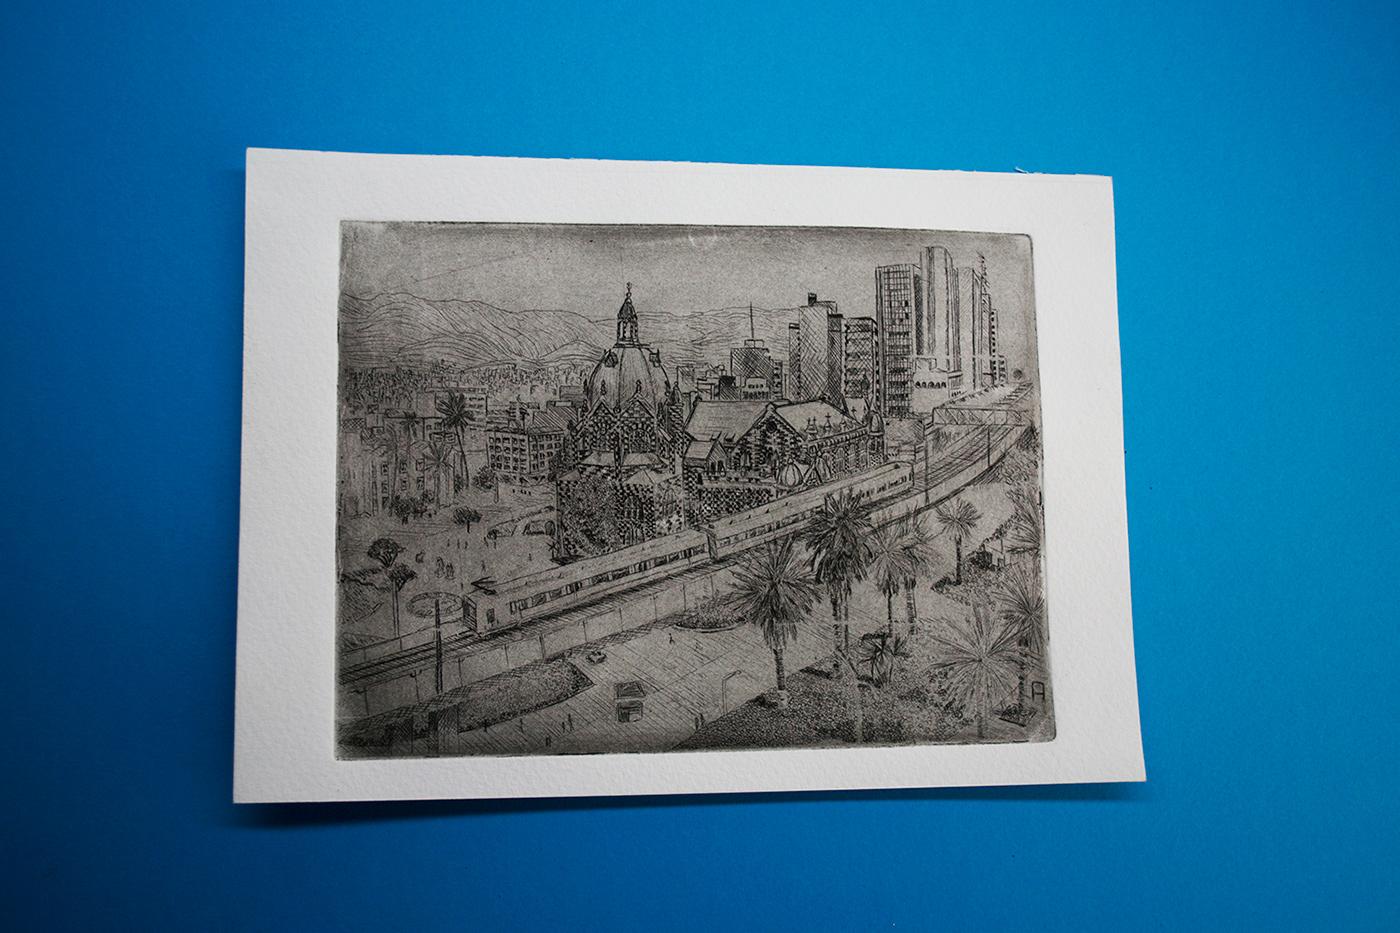 Agua Fuerte agua tinta  grabado engrave ciudad city